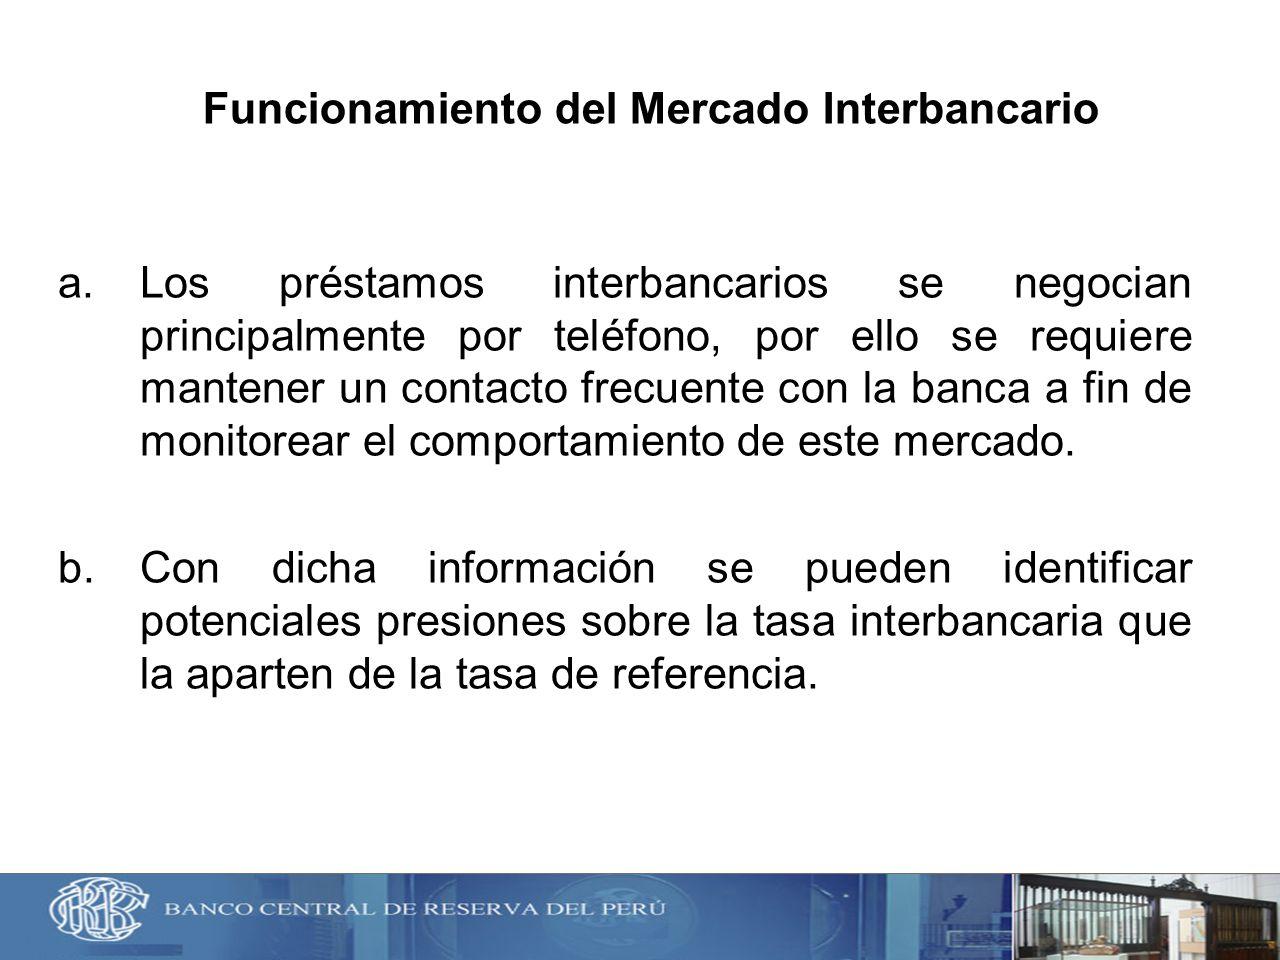 Funcionamiento del Mercado Interbancario